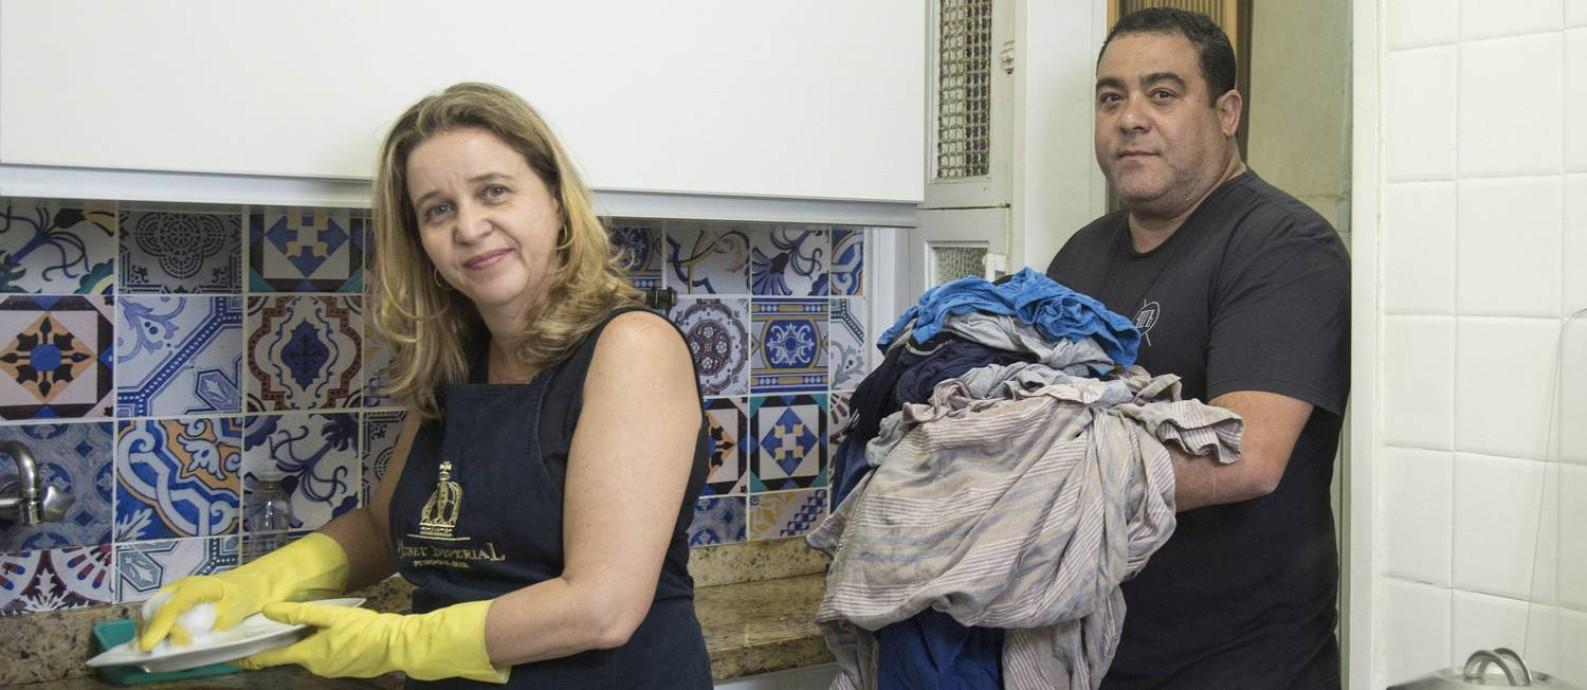 O casal Claudia Tavares e Sinclair Albuquerque: cozinha e cuidado dos filhos tomam mais tempo Foto: Ana Branco / Agência O Globo